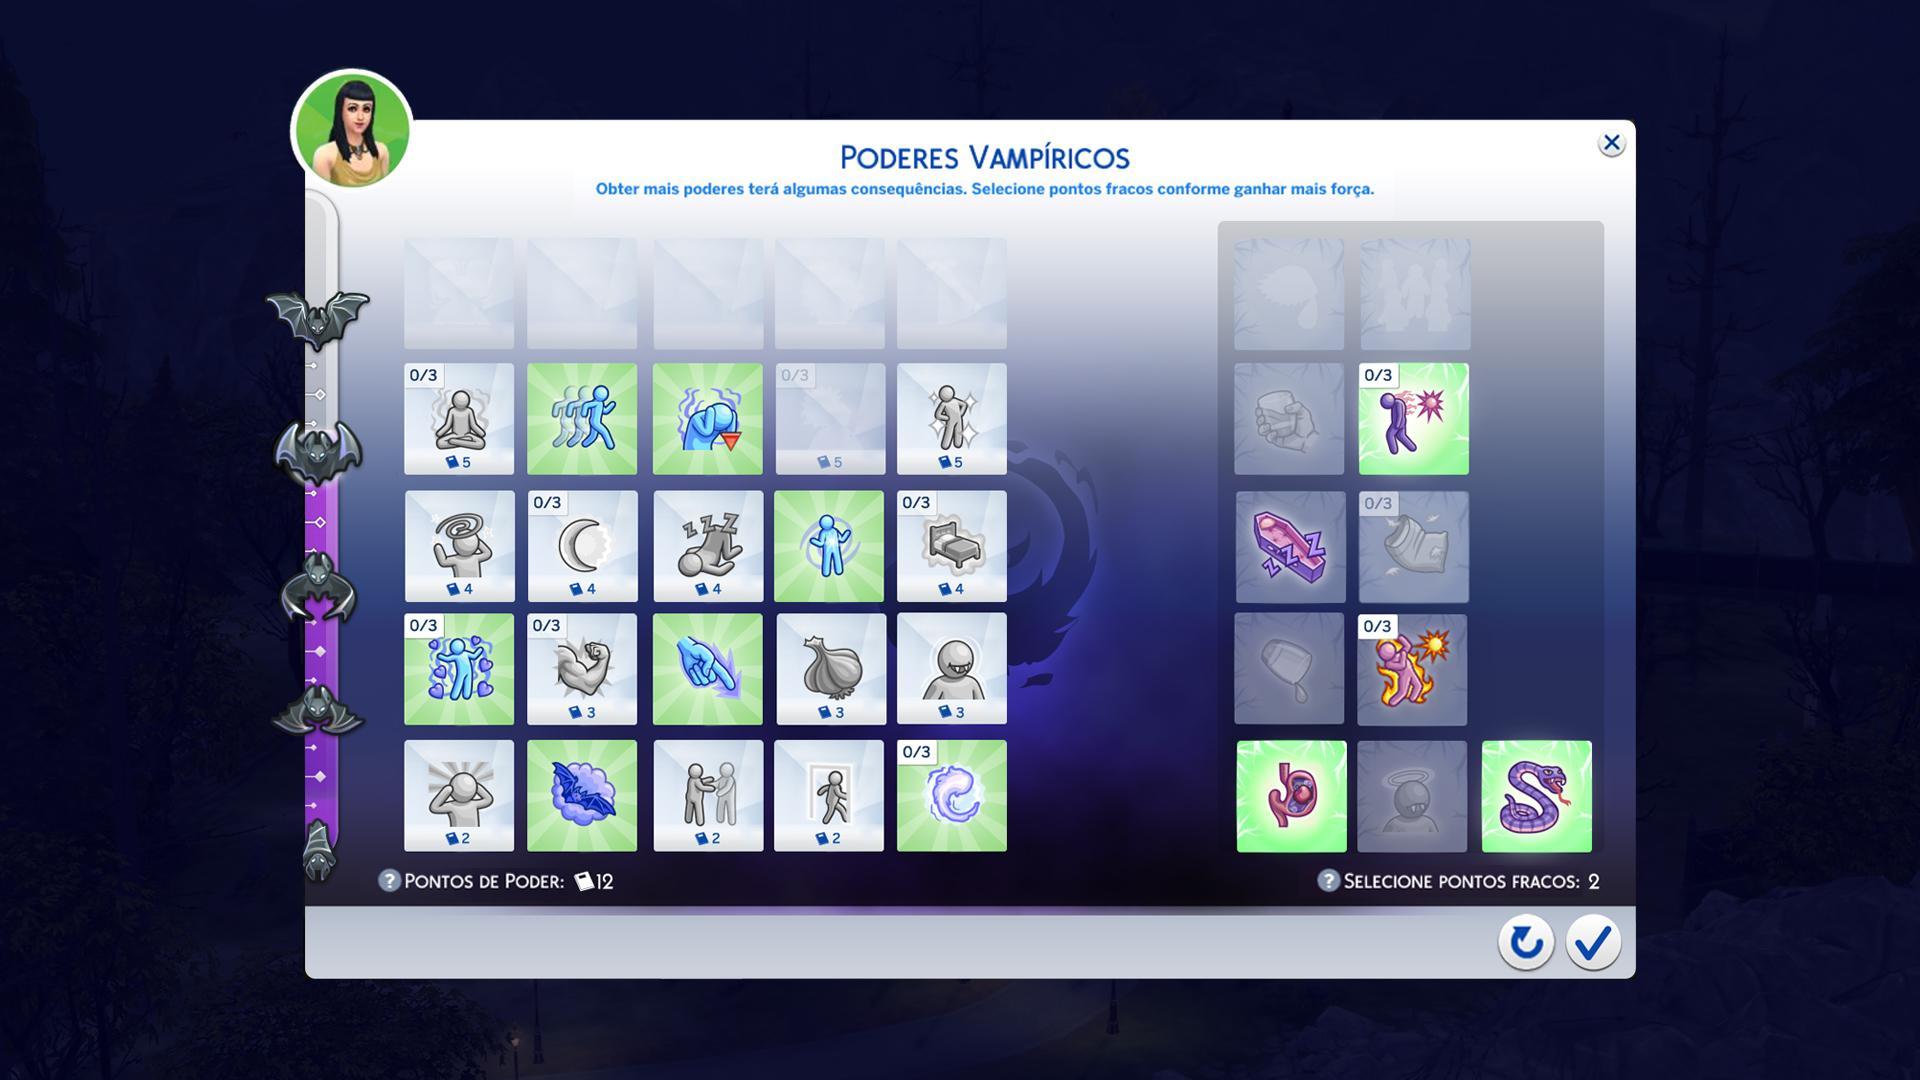 Ganhe poderes ancestrais com o The Sims 4 Pacote de Jogo Vampiros 2